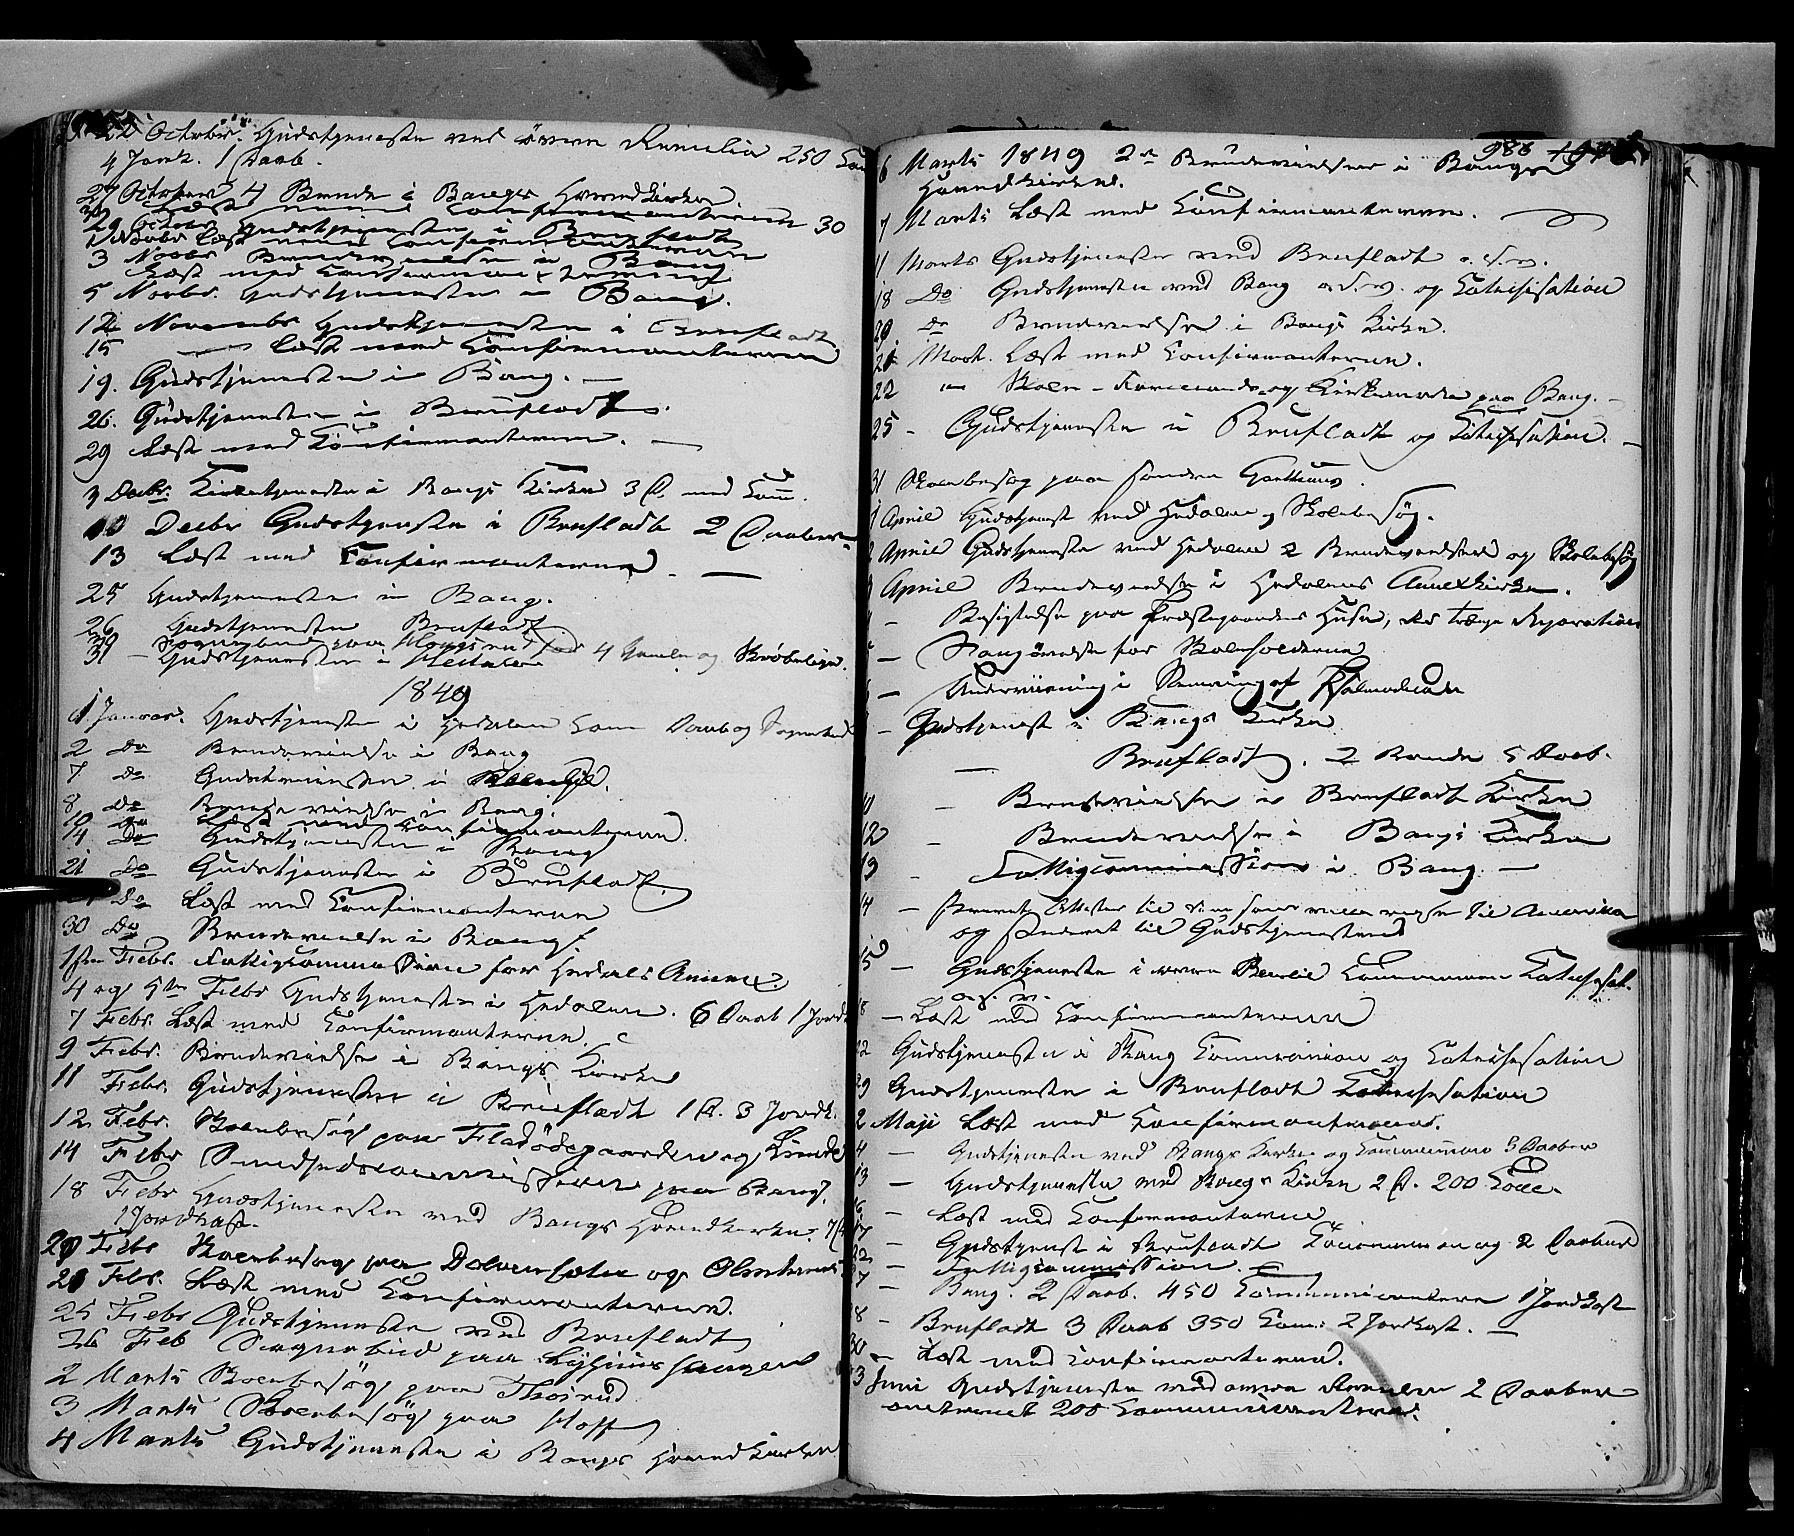 SAH, Sør-Aurdal prestekontor, Ministerialbok nr. 4, 1841-1849, s. 985-986